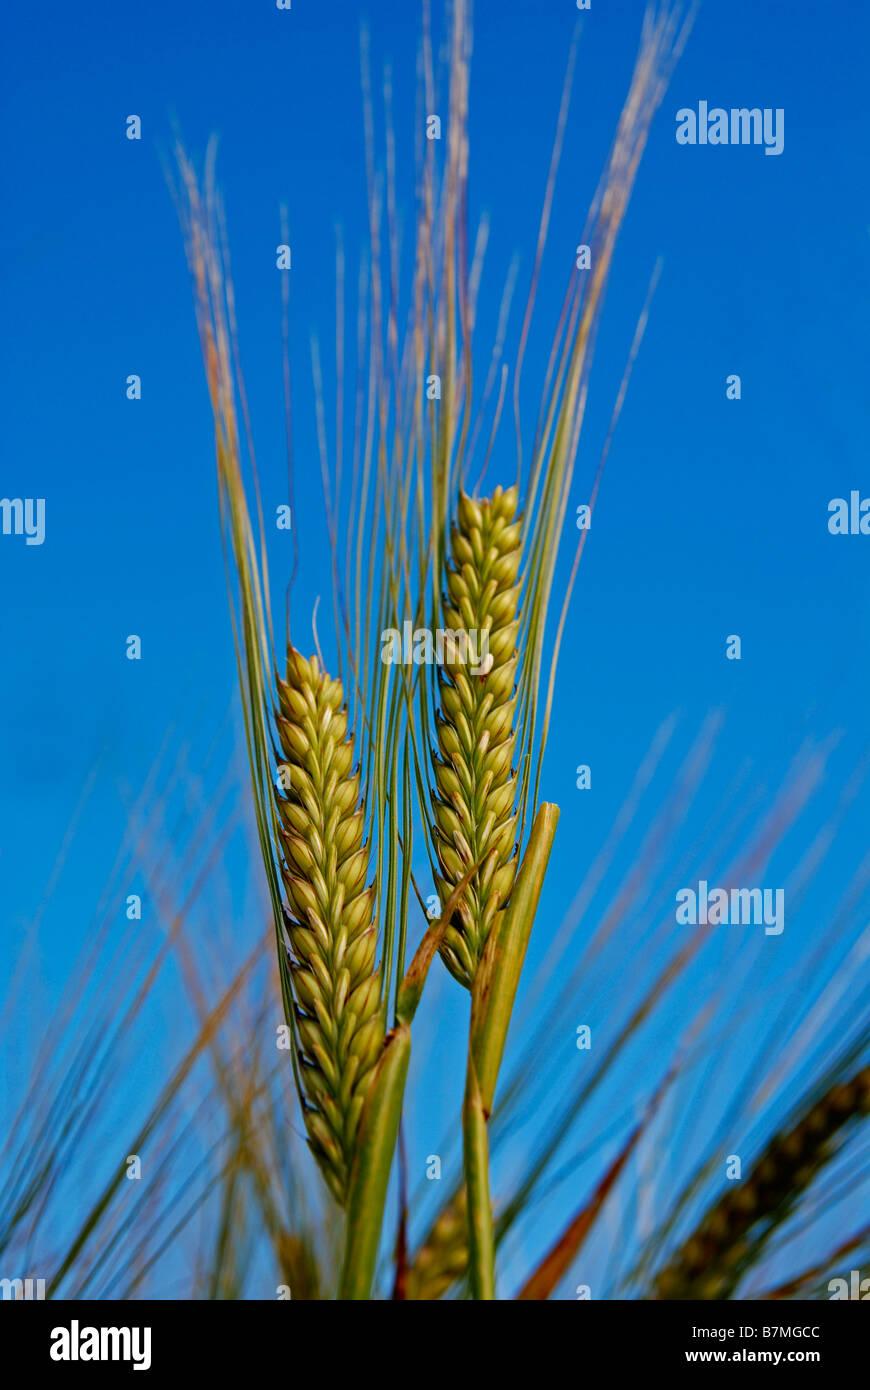 Une gerbe de blé d'or Banque D'Images